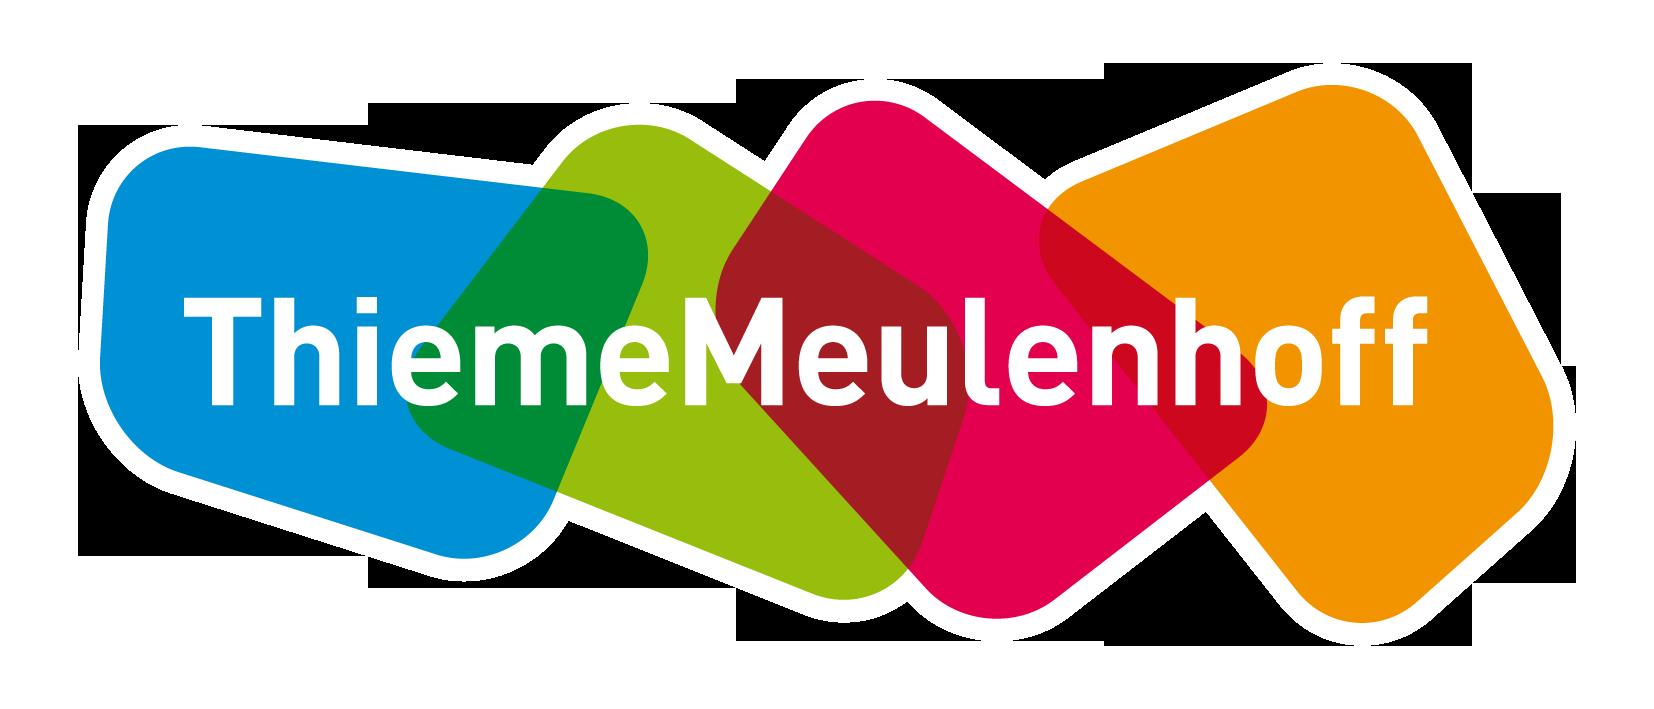 QlikView laat ThiemeMeulenhoff zien hoe de organisatie ervoor staat